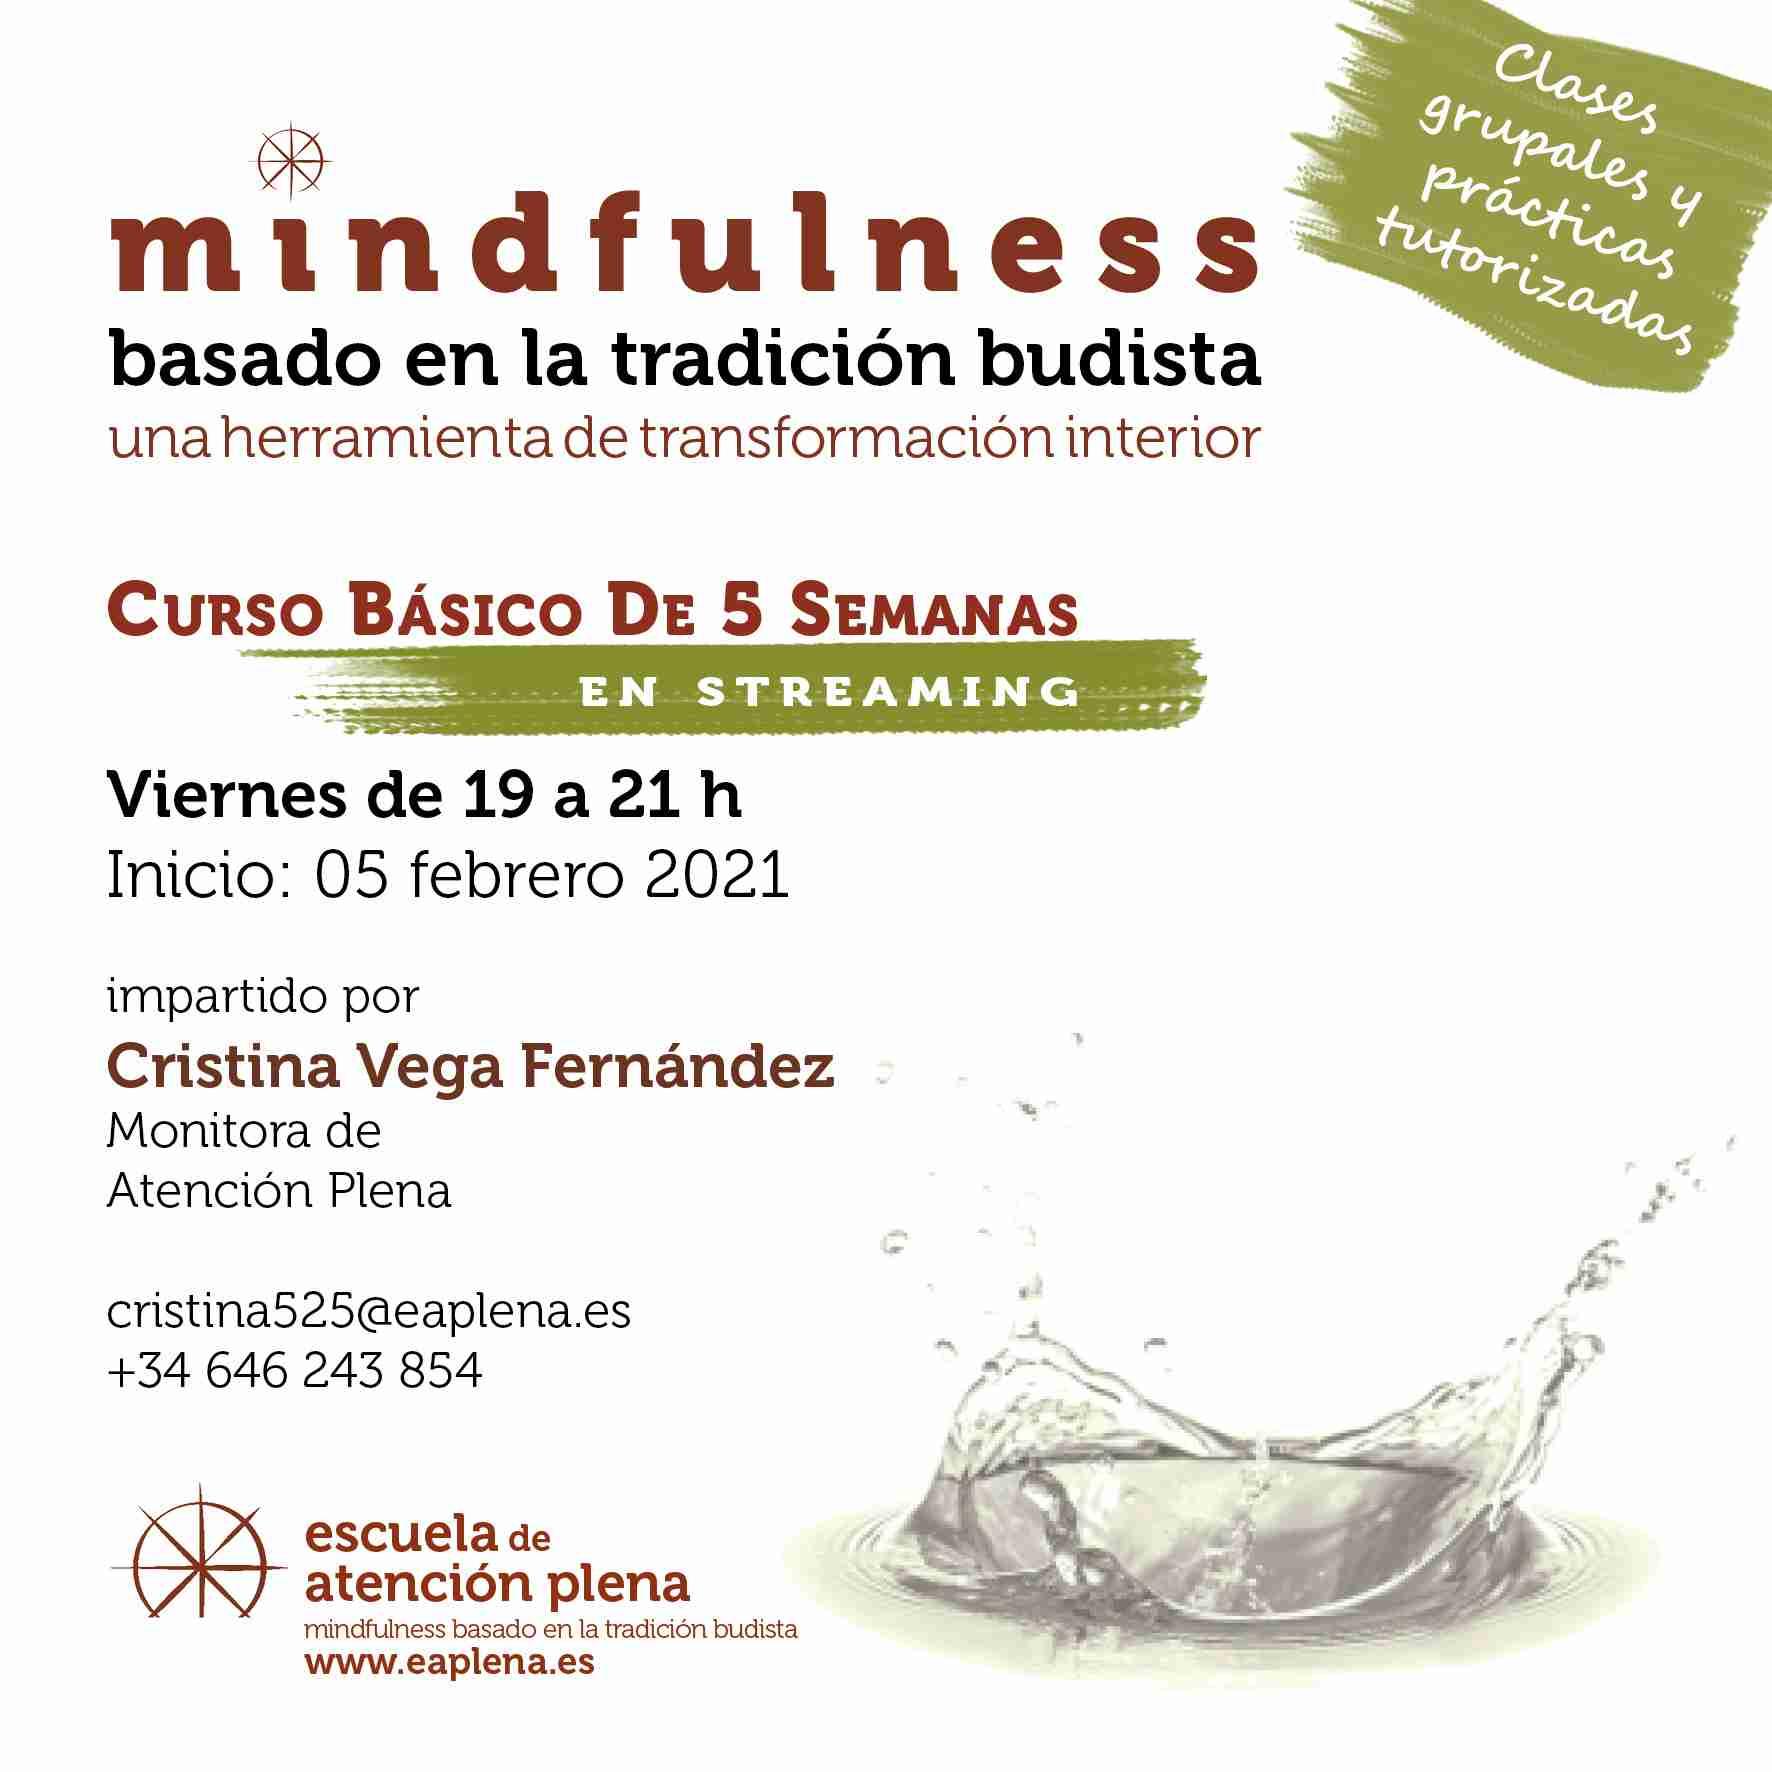 2021-02-05 Curso Básico de 5 Semanas en streaming 1 Cristina Vega